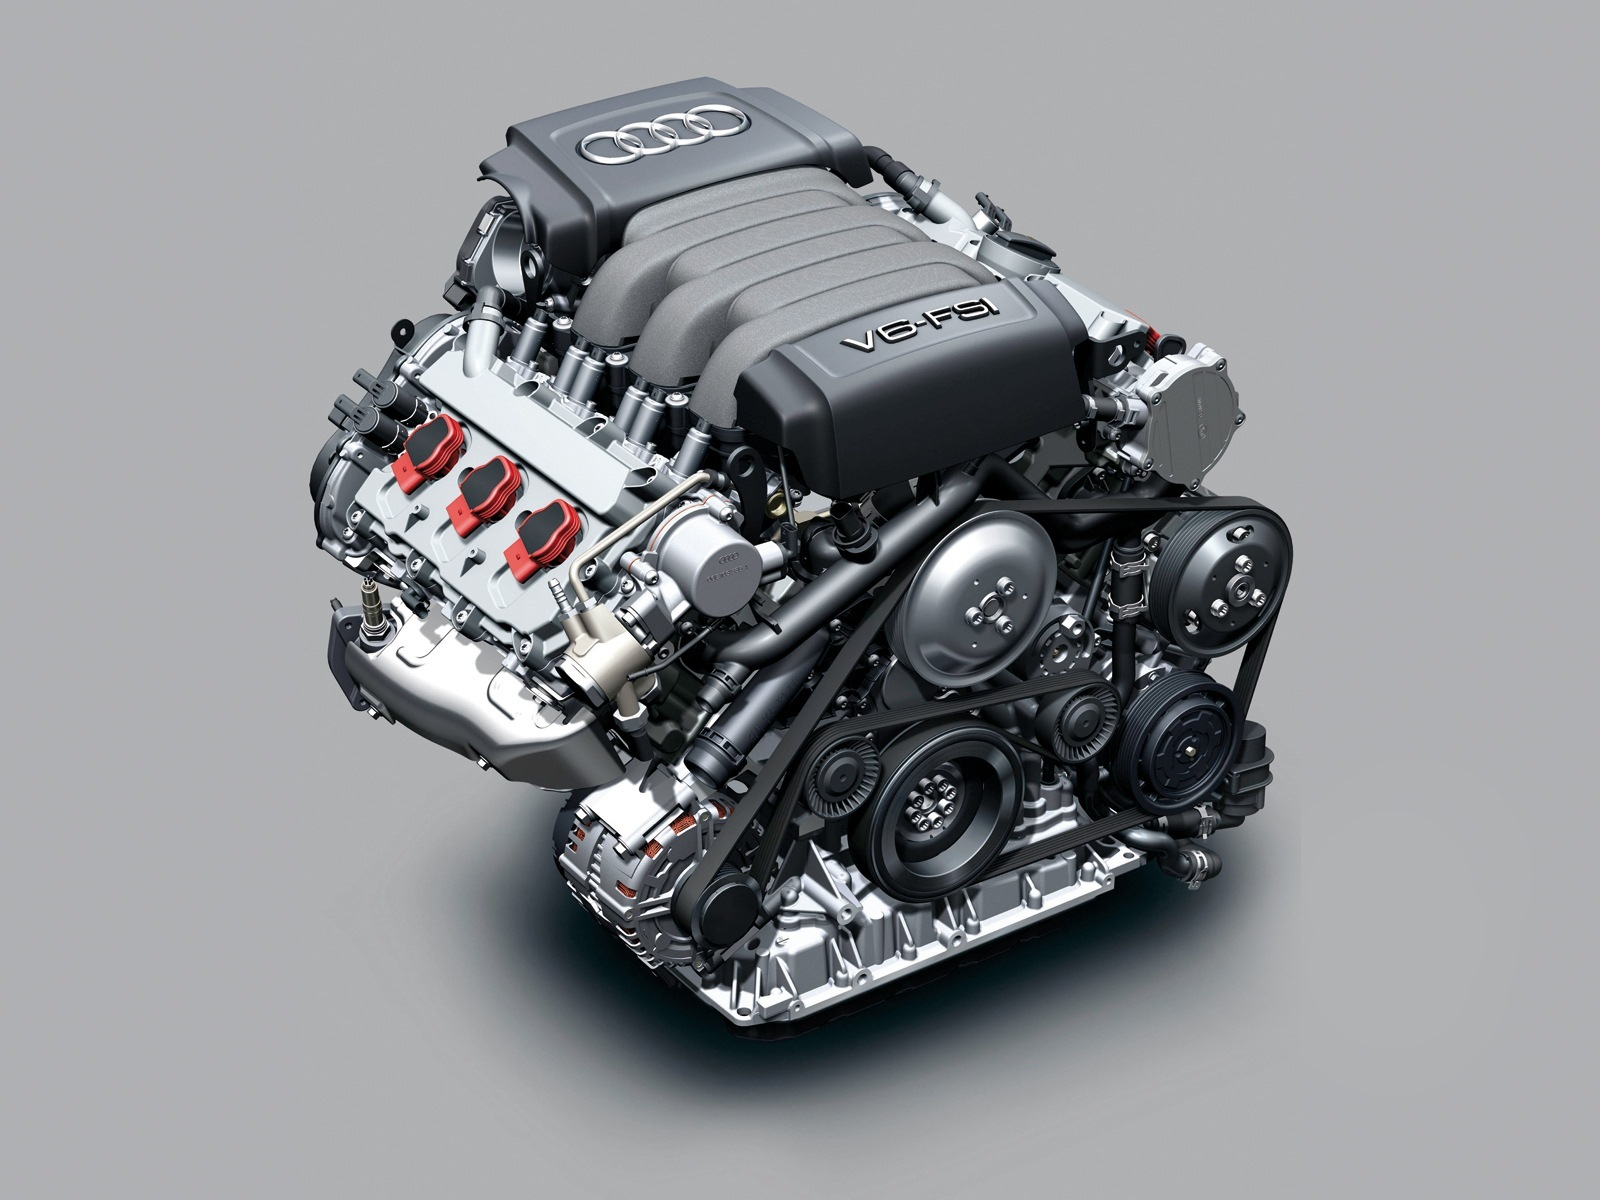 2013 год — последний год для массовых двигателей V6?